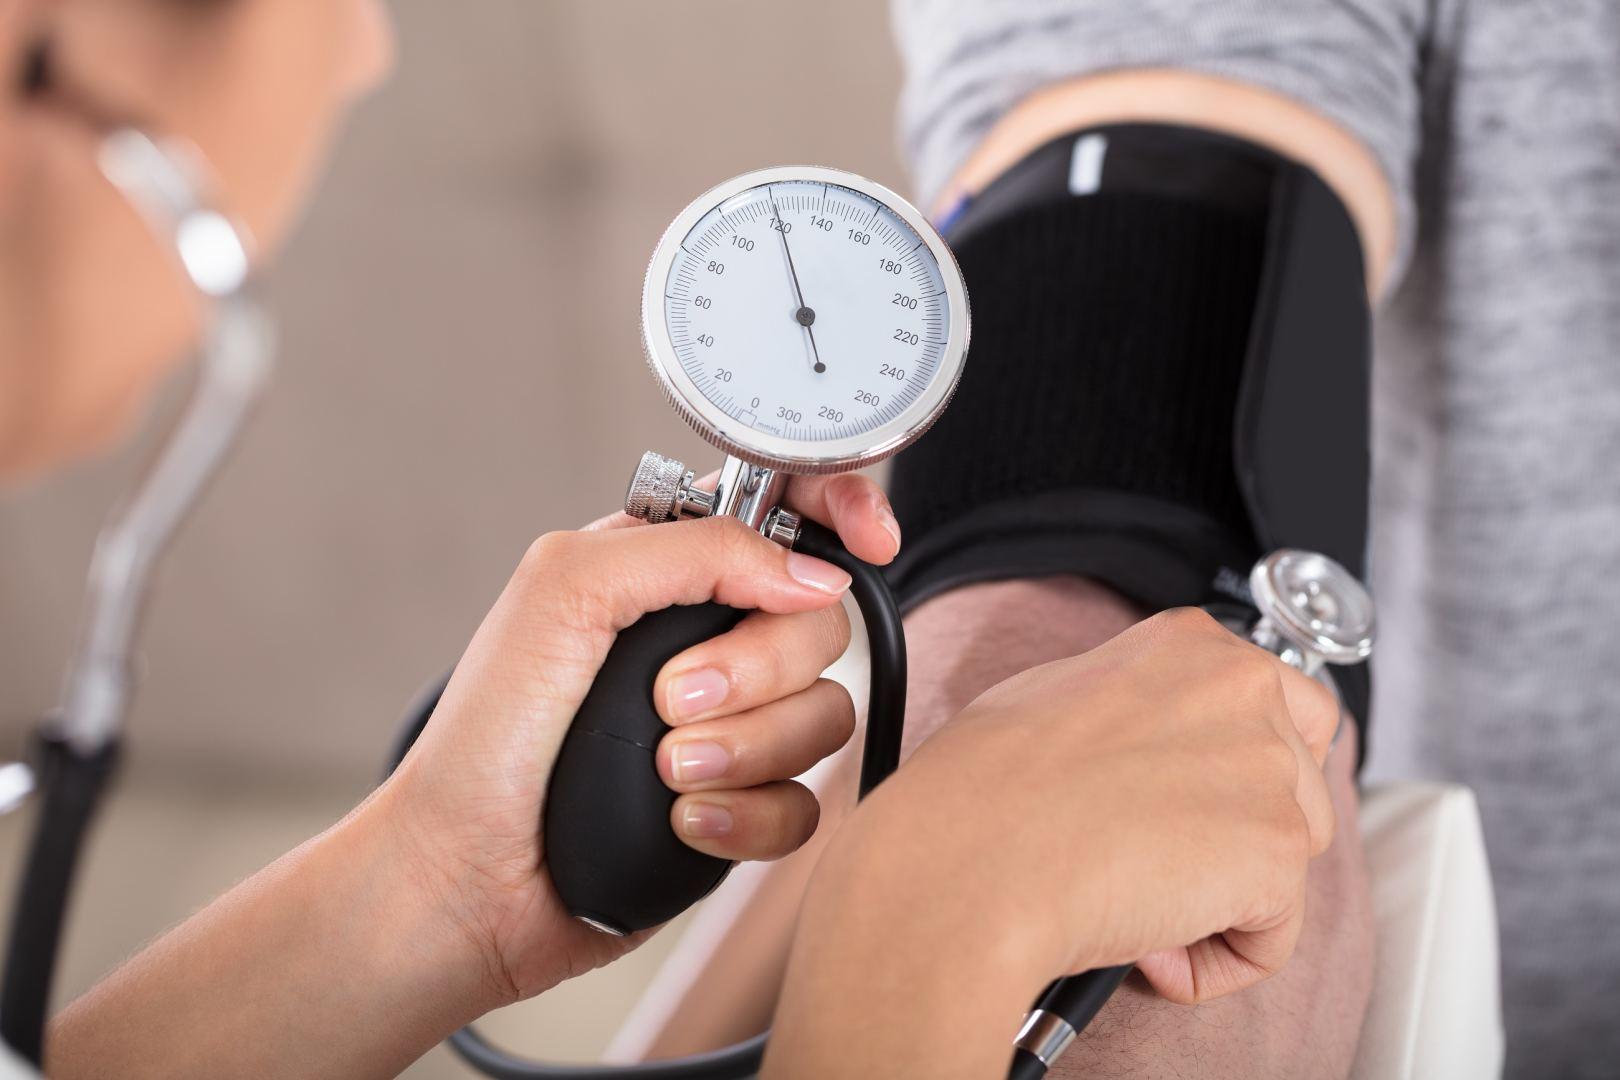 ką galite valgyti po mikrokultūros ir esant hipertenzijai hipertenzija 2 3 laipsnių rizika 4